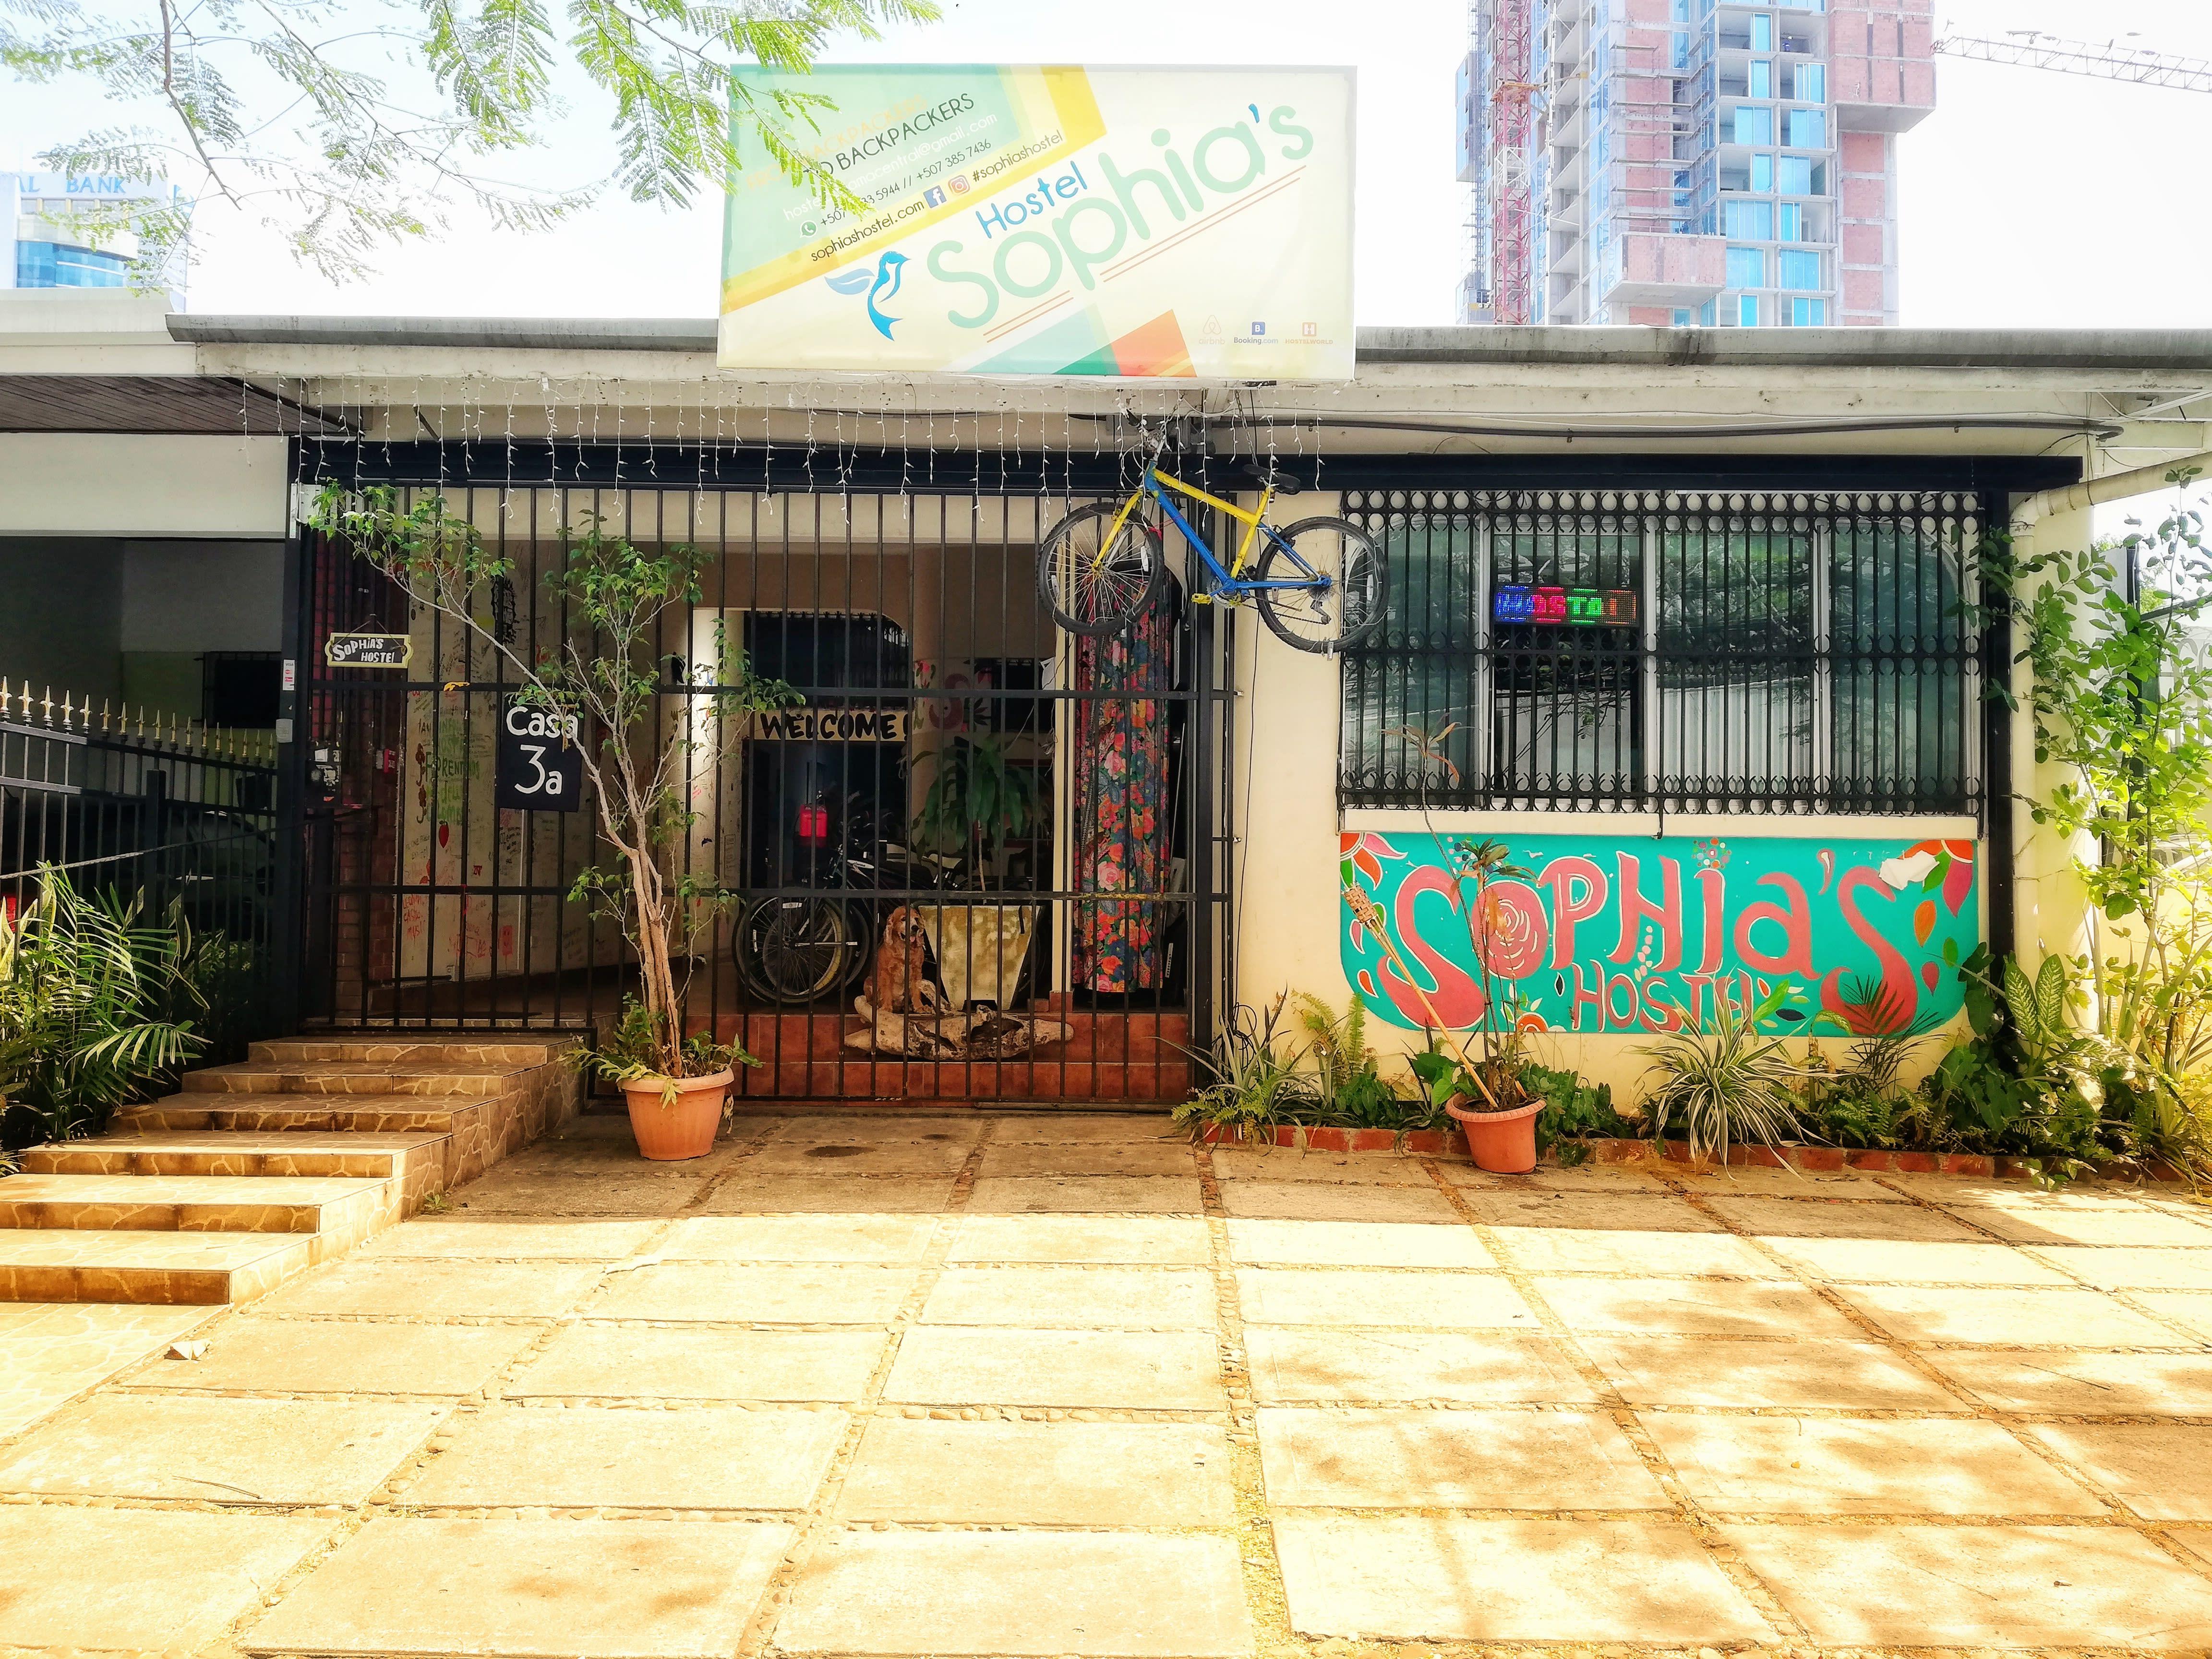 HOSTEL - Sophias Hostel Pty